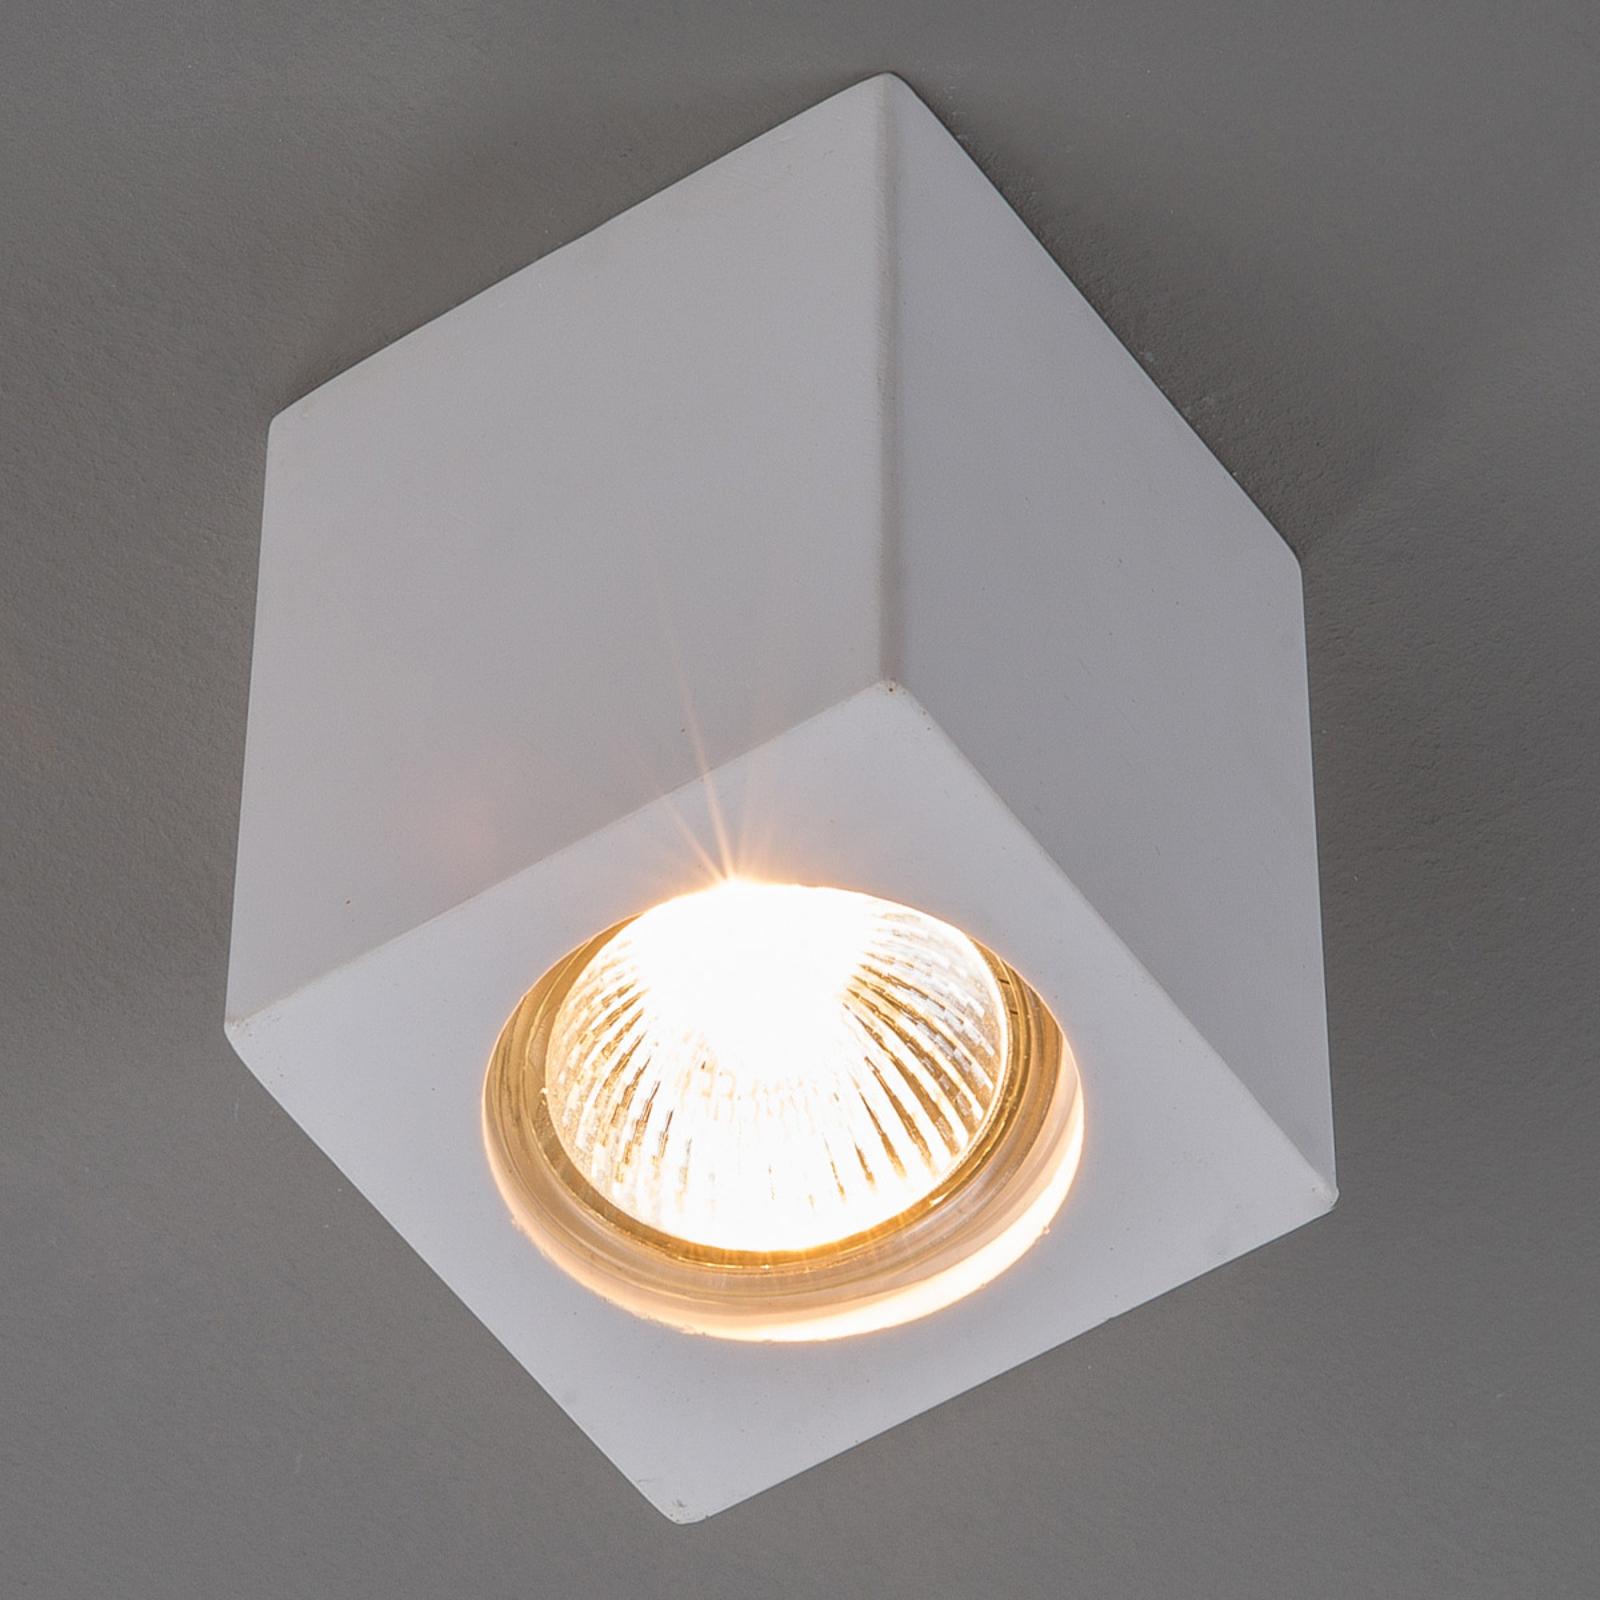 Gips-Downlight Anelie für GU10-Lampe, Höhe 11 cm